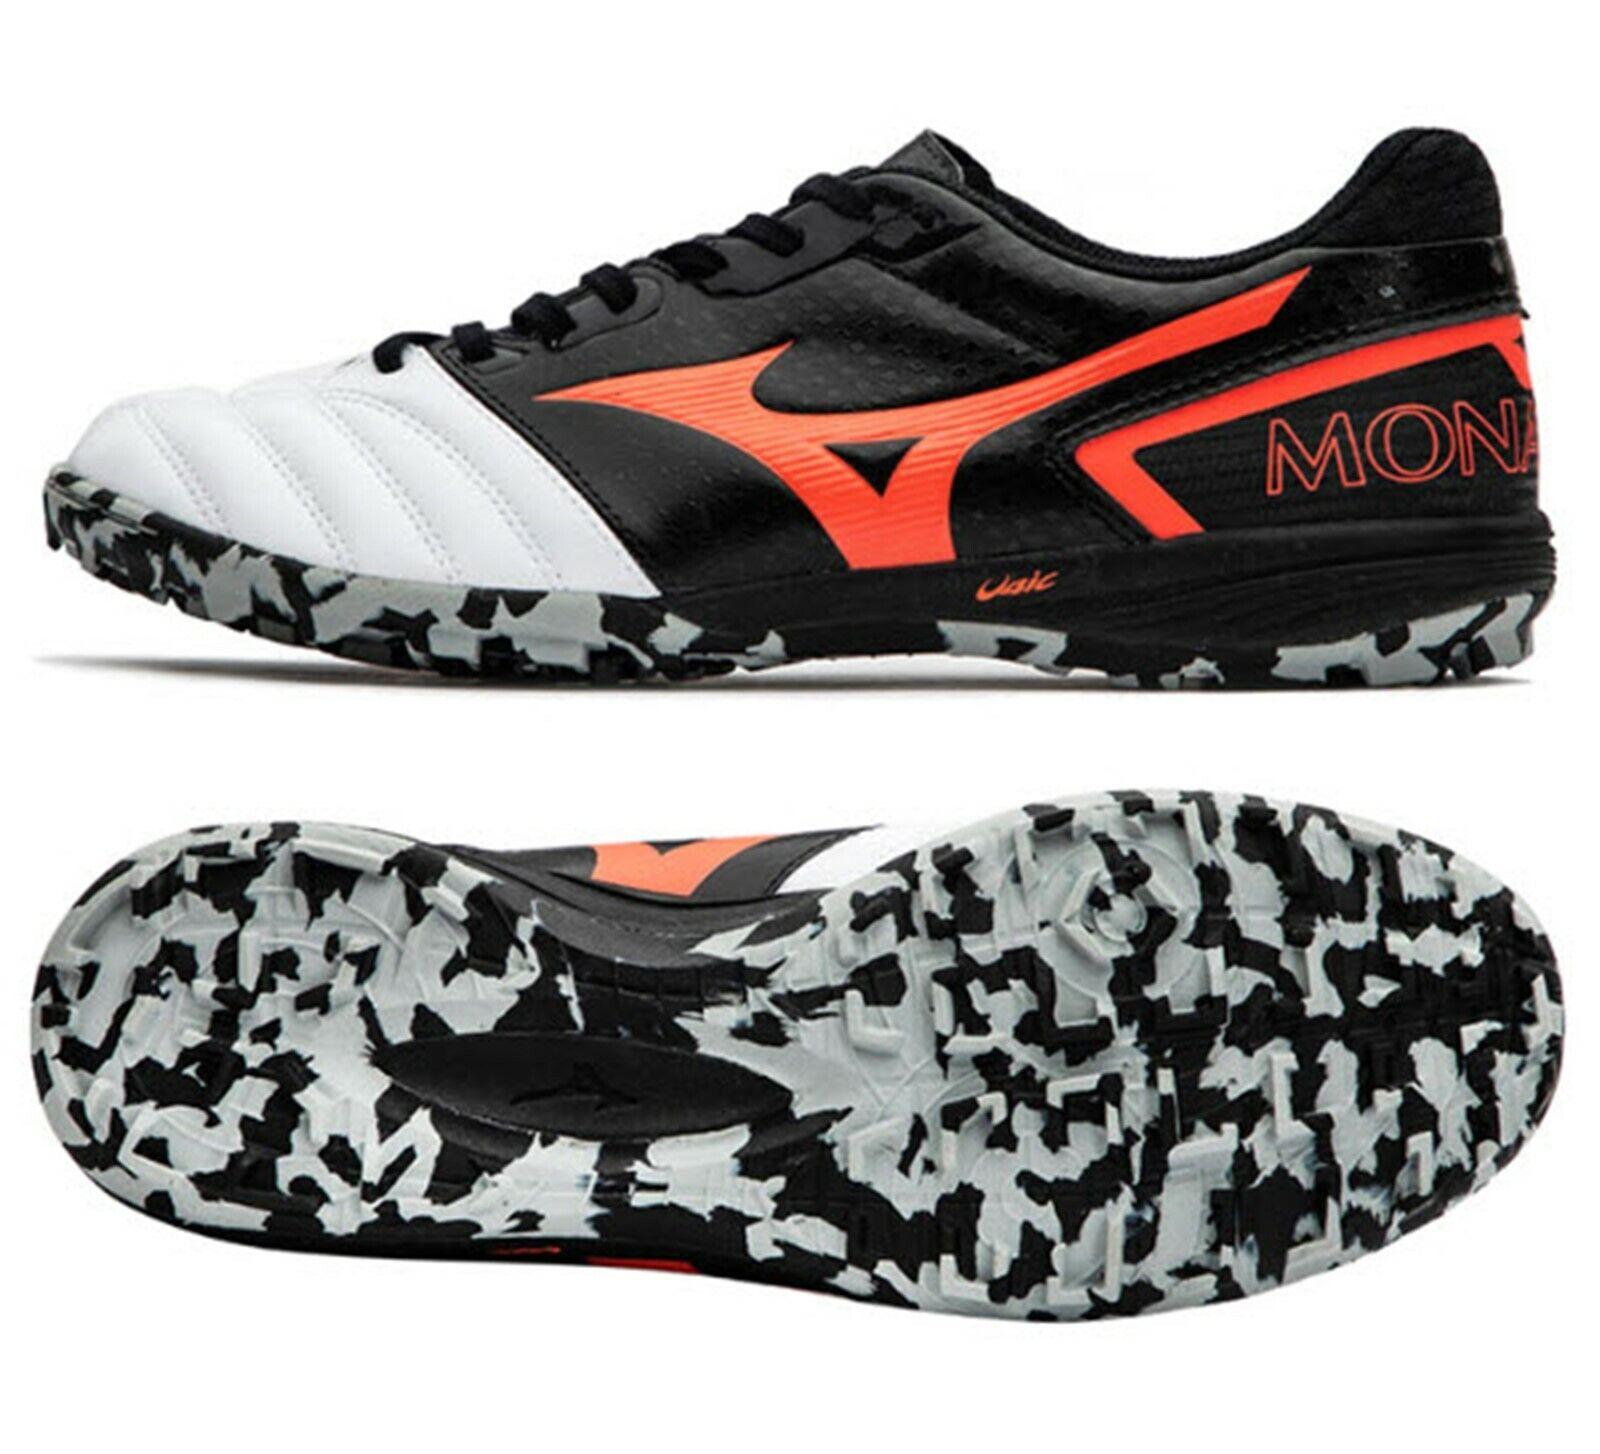 Mizuno Hombre monarcida Sala Futsal fútbol Botines de HORQUILLA roscada Zapatos blancoos Spike Q1GB191161